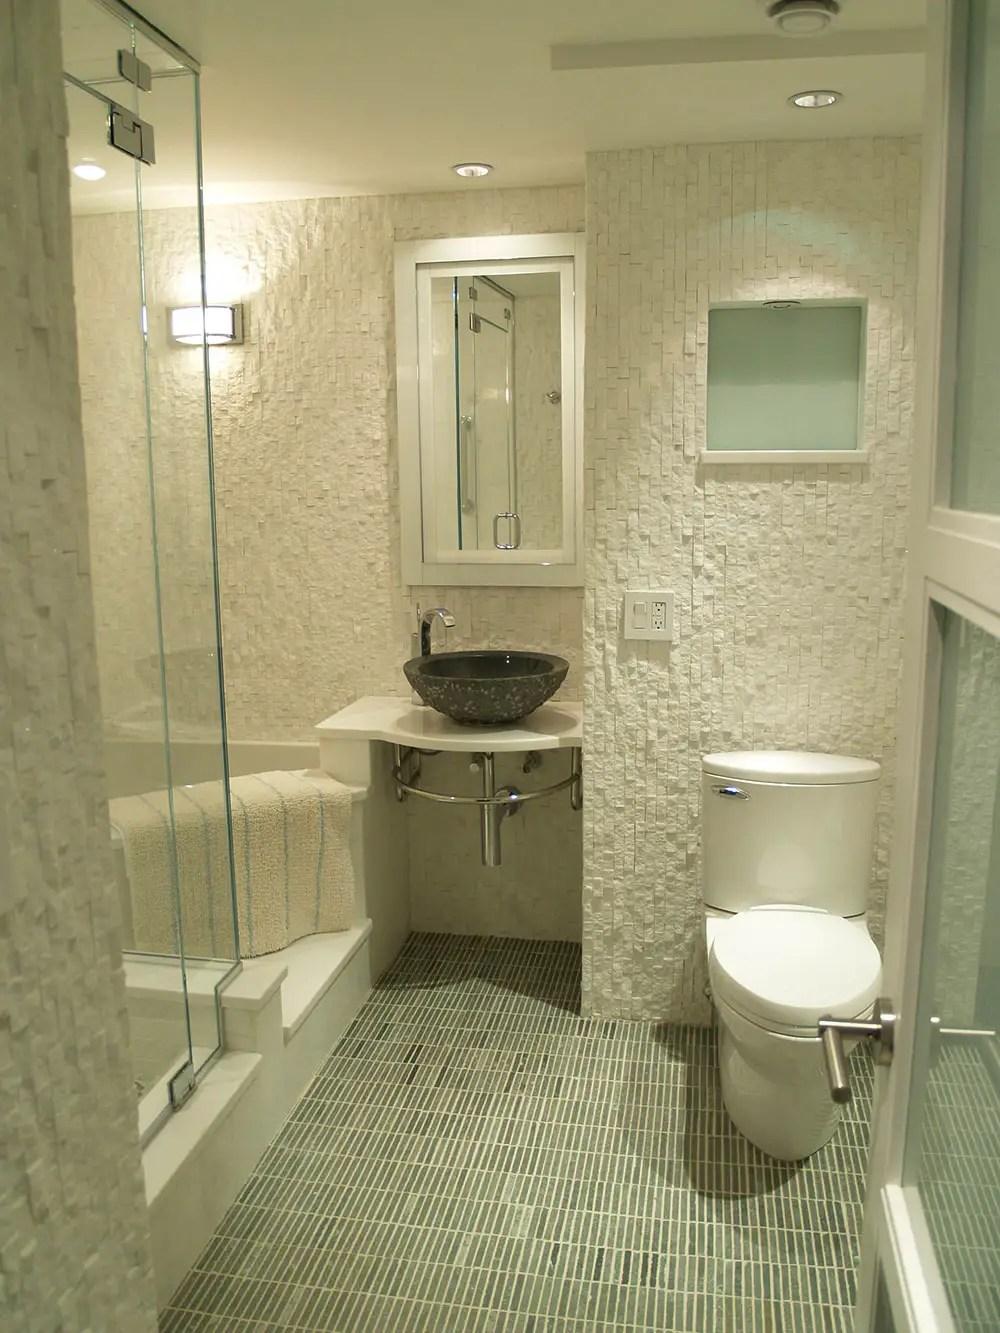 10 astuces infaillibles pour agrandir visuellement une petite salle de bain  BricoBistro